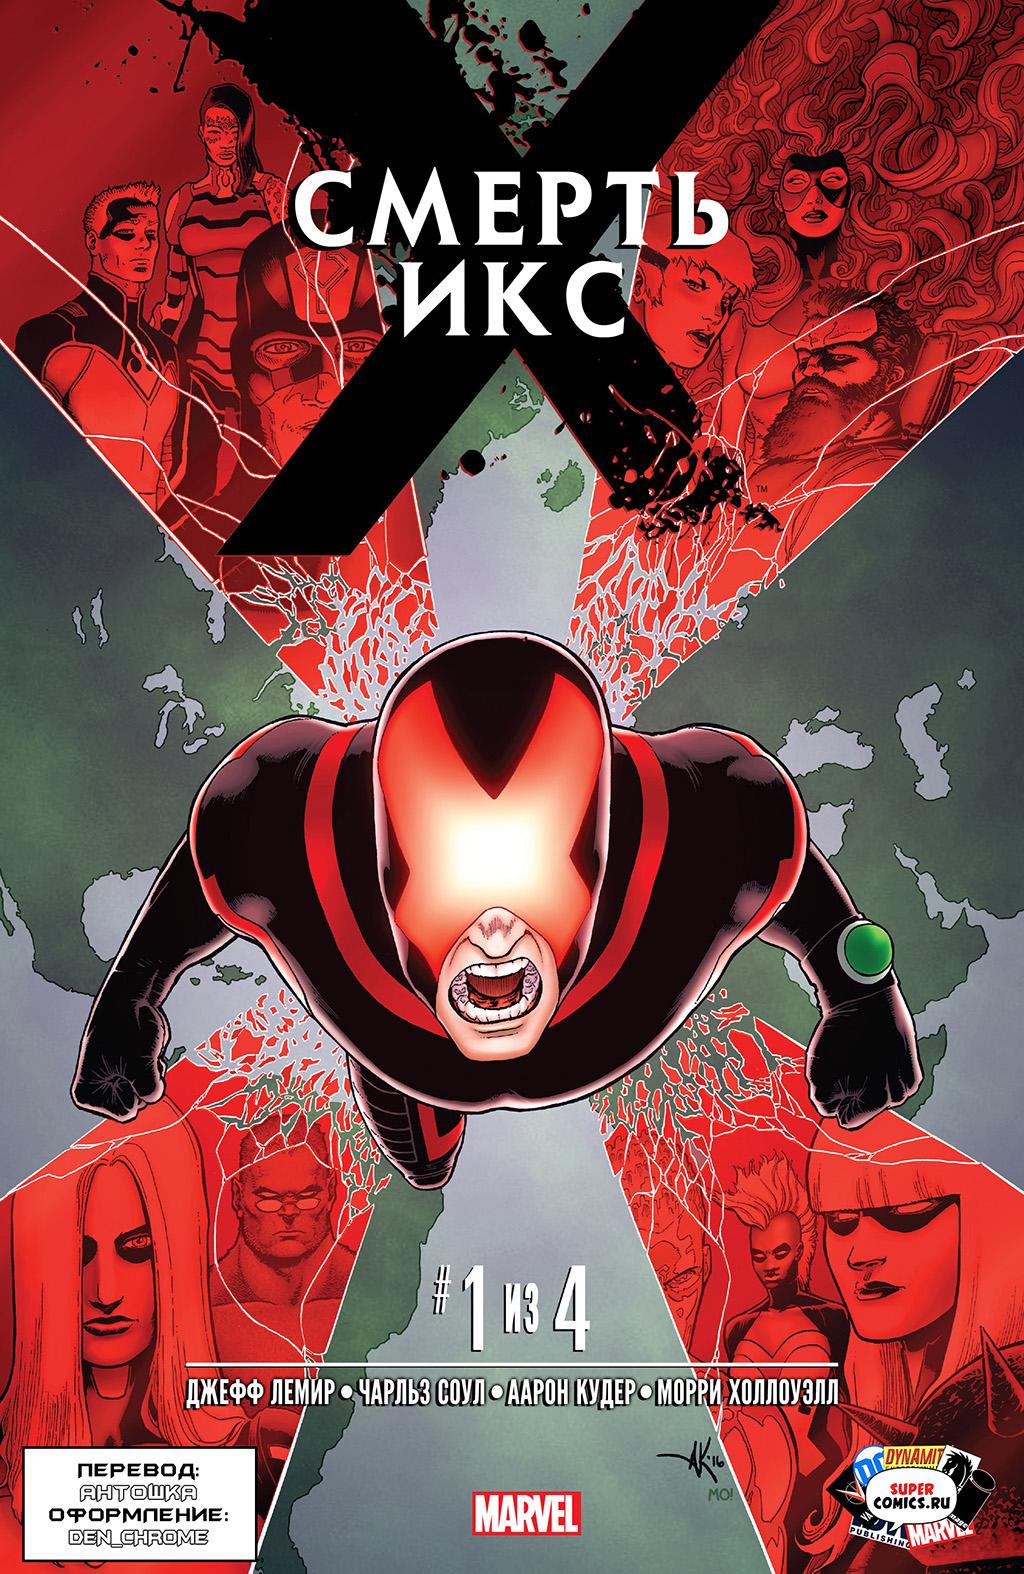 Комикс Смерть Икс